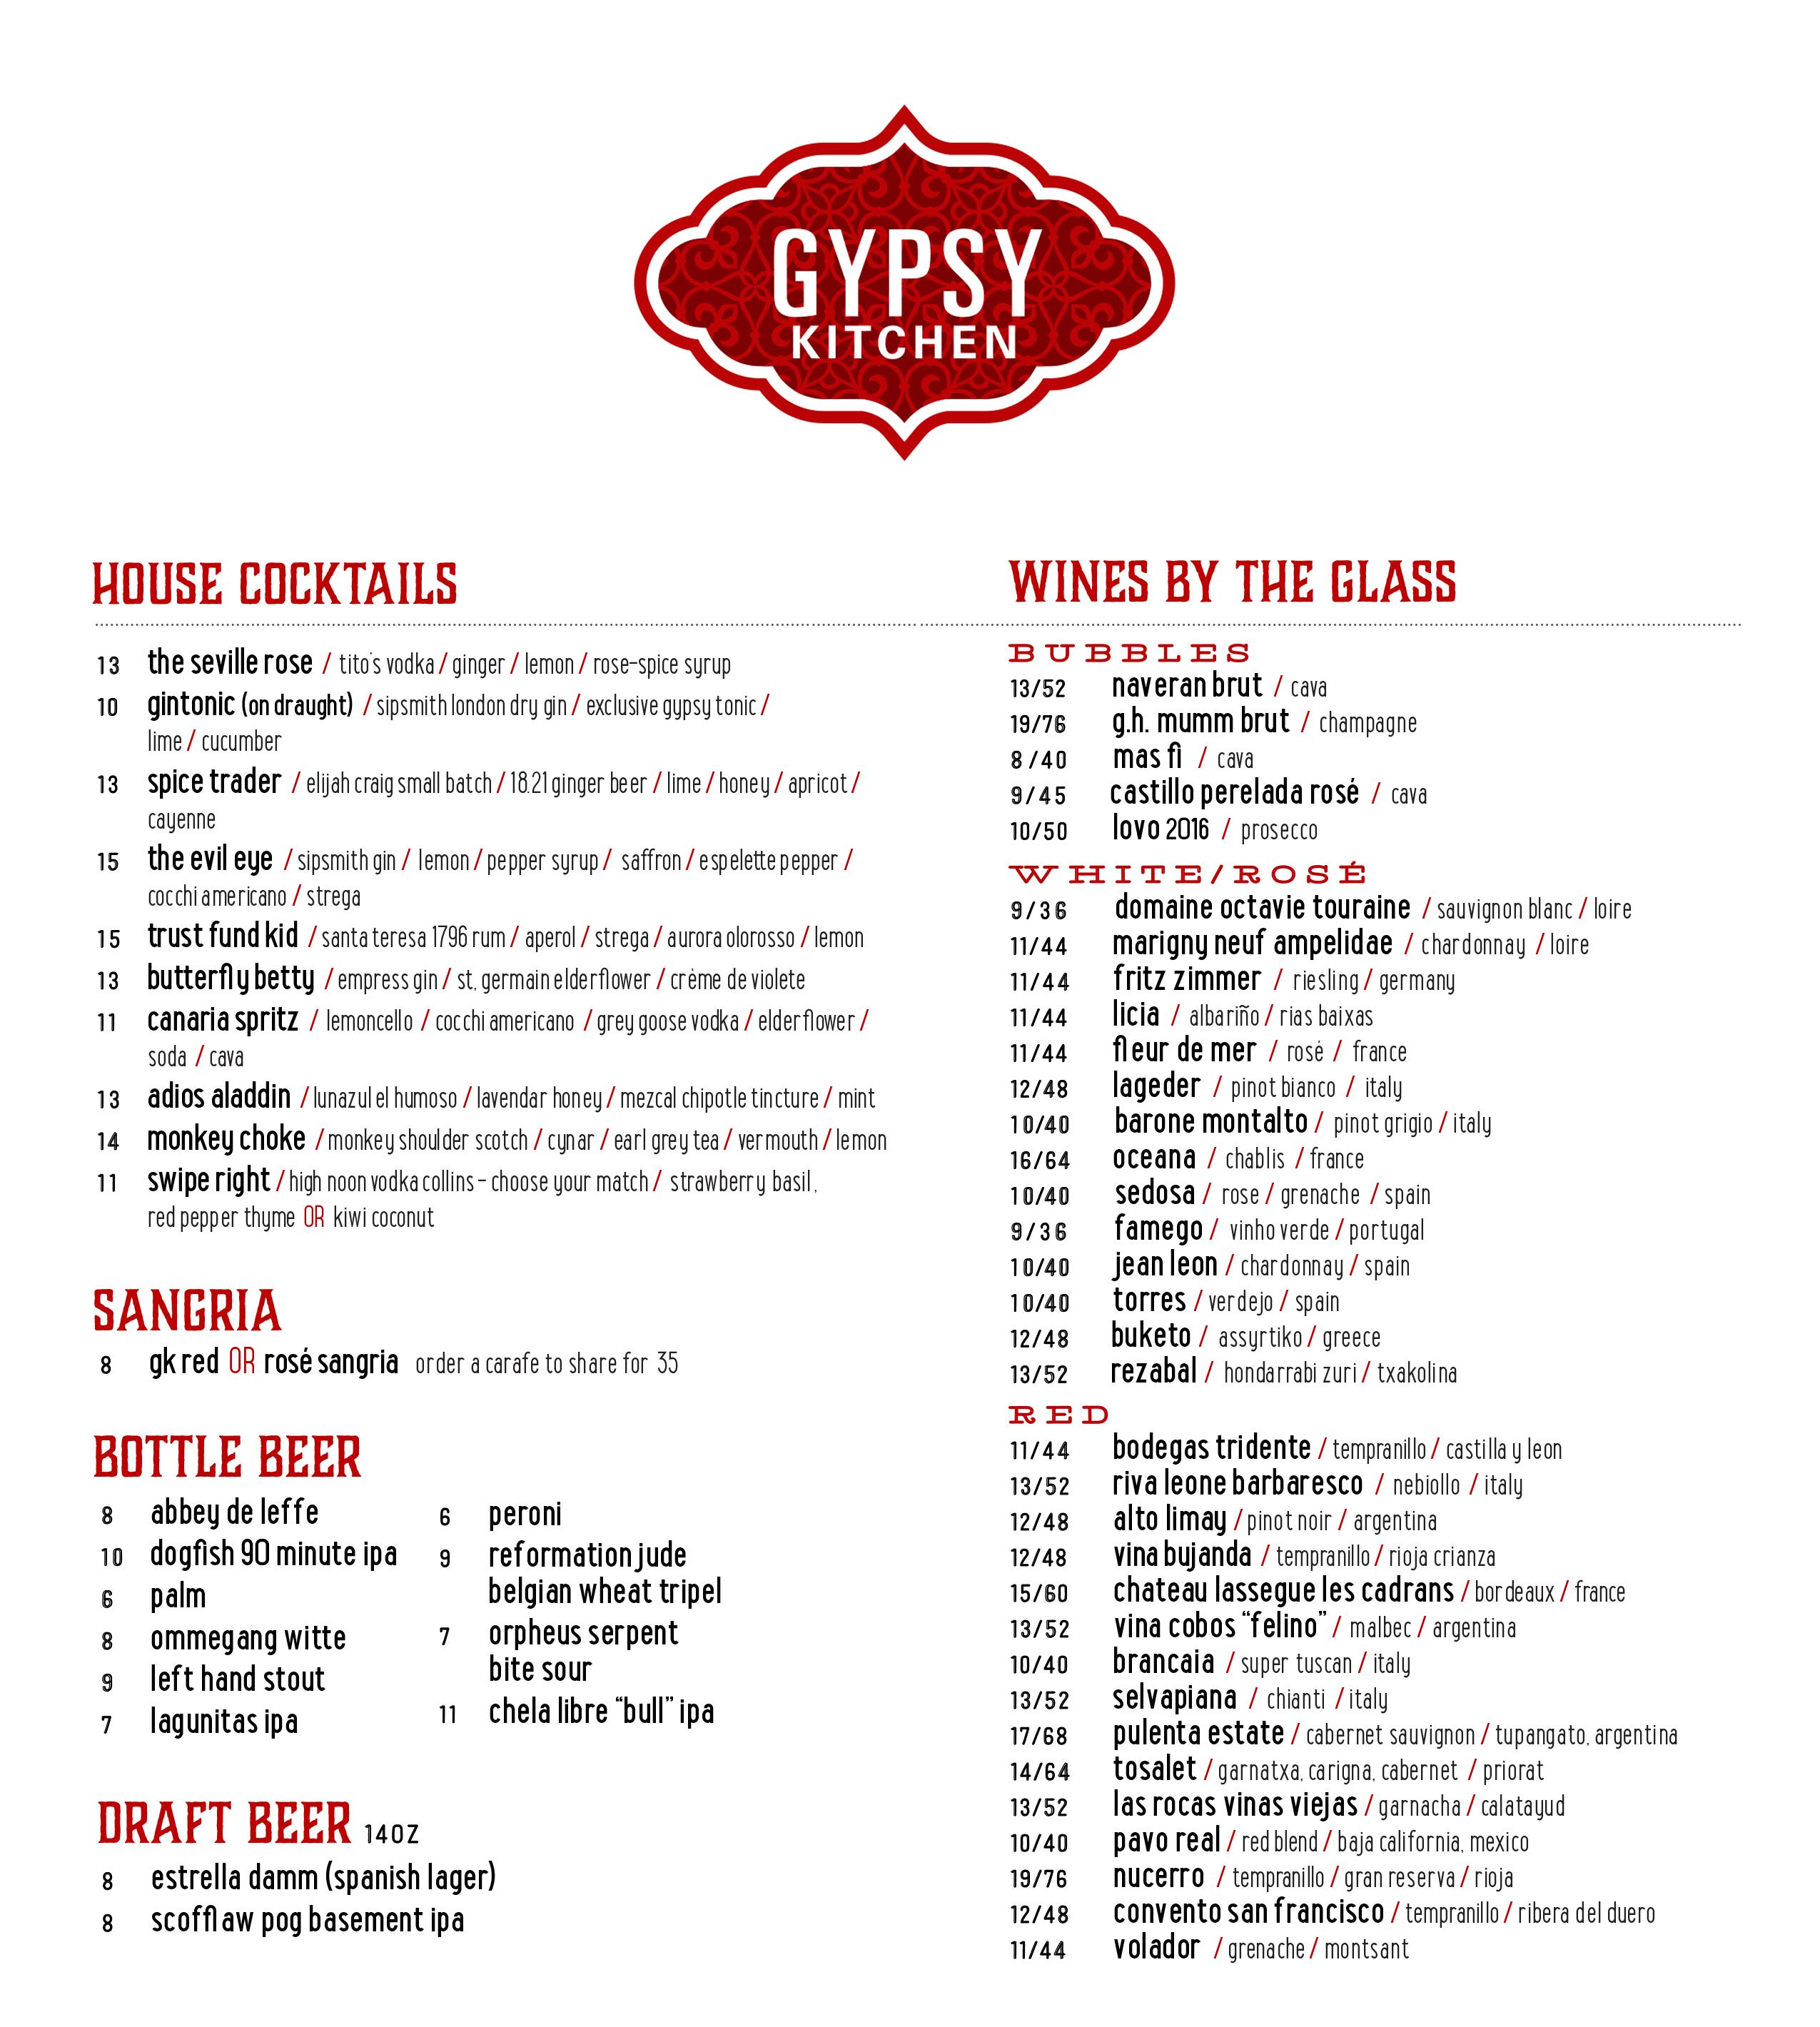 Pretty Gypsy Kitchen Atlanta Images Gypsy Kitchen The